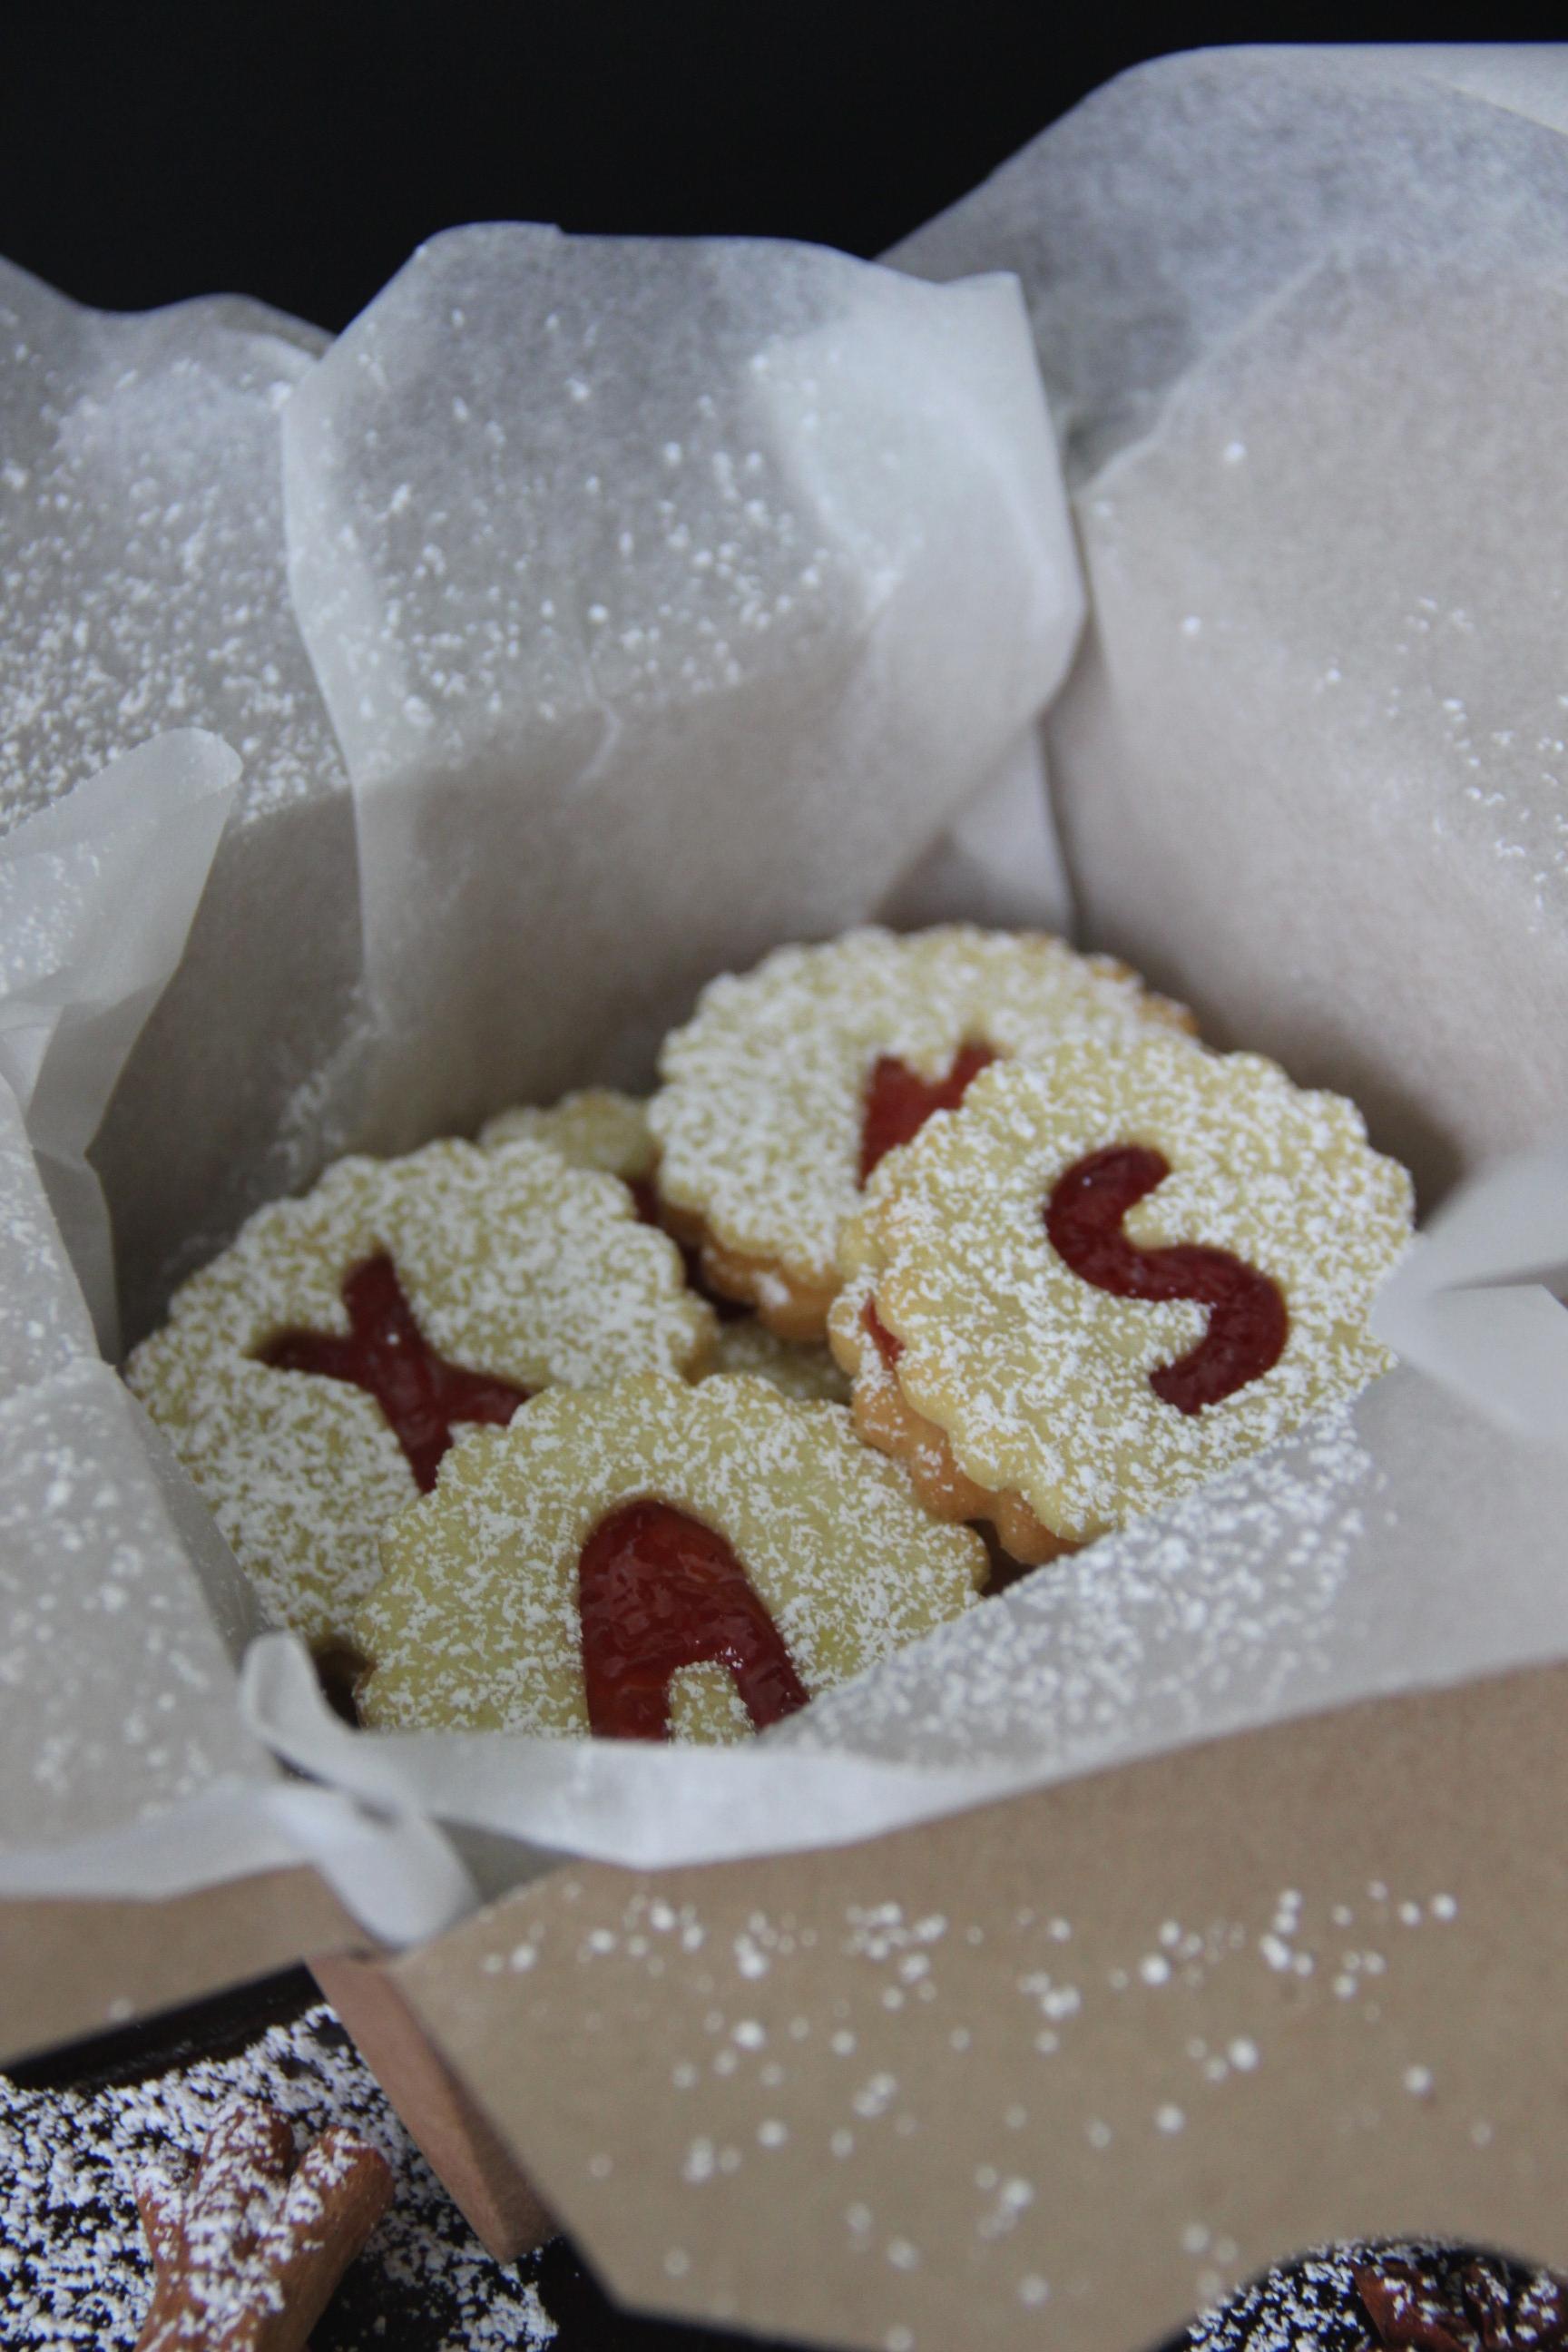 Bestes Spitzbuben Rezept Linzer Plätzchen Marmelade Backen Advent Weihnachten